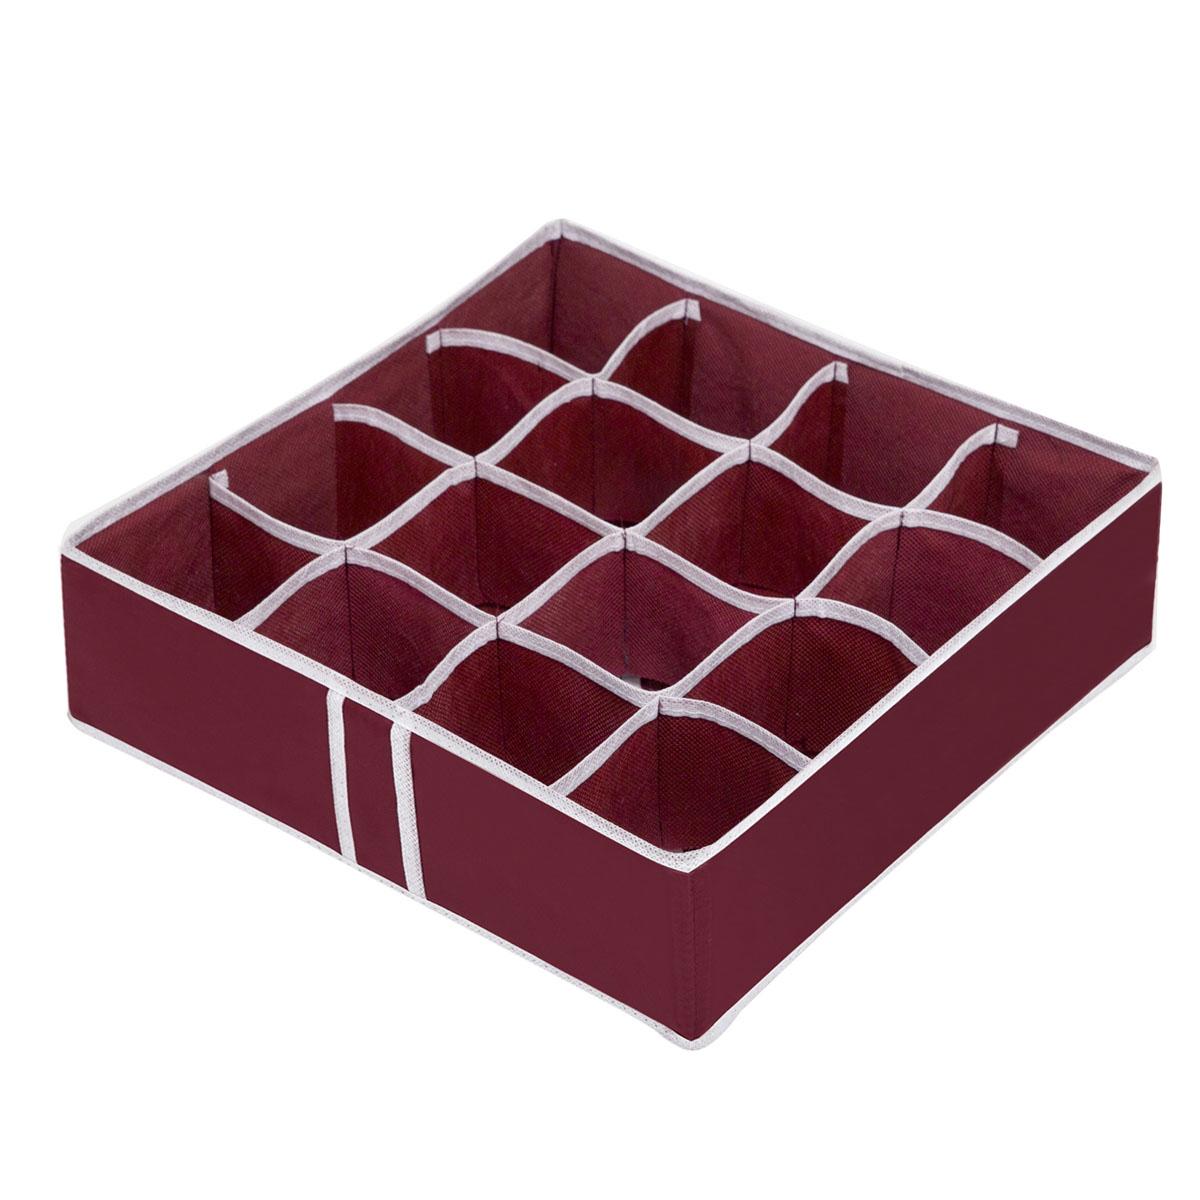 Органайзер для хранения вещей Homsu Red Rose, 16 секций, 35 x 35 x 10 см органайзер для хранения нижнего белья homsu bora bora 6 секций 35 x 35 x 10 см